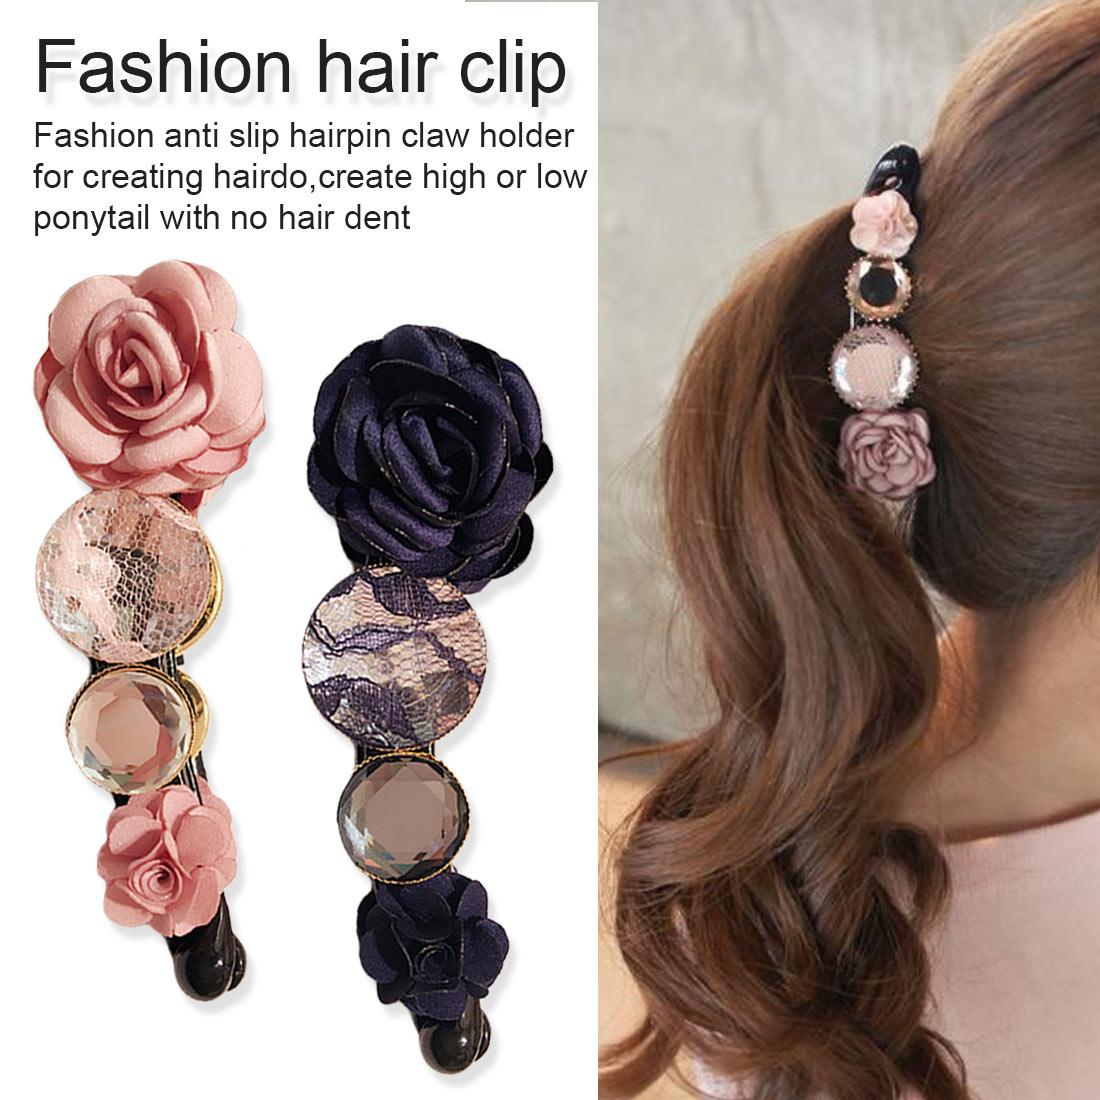 Small black flower hair pin clip barrette for fine thin hair